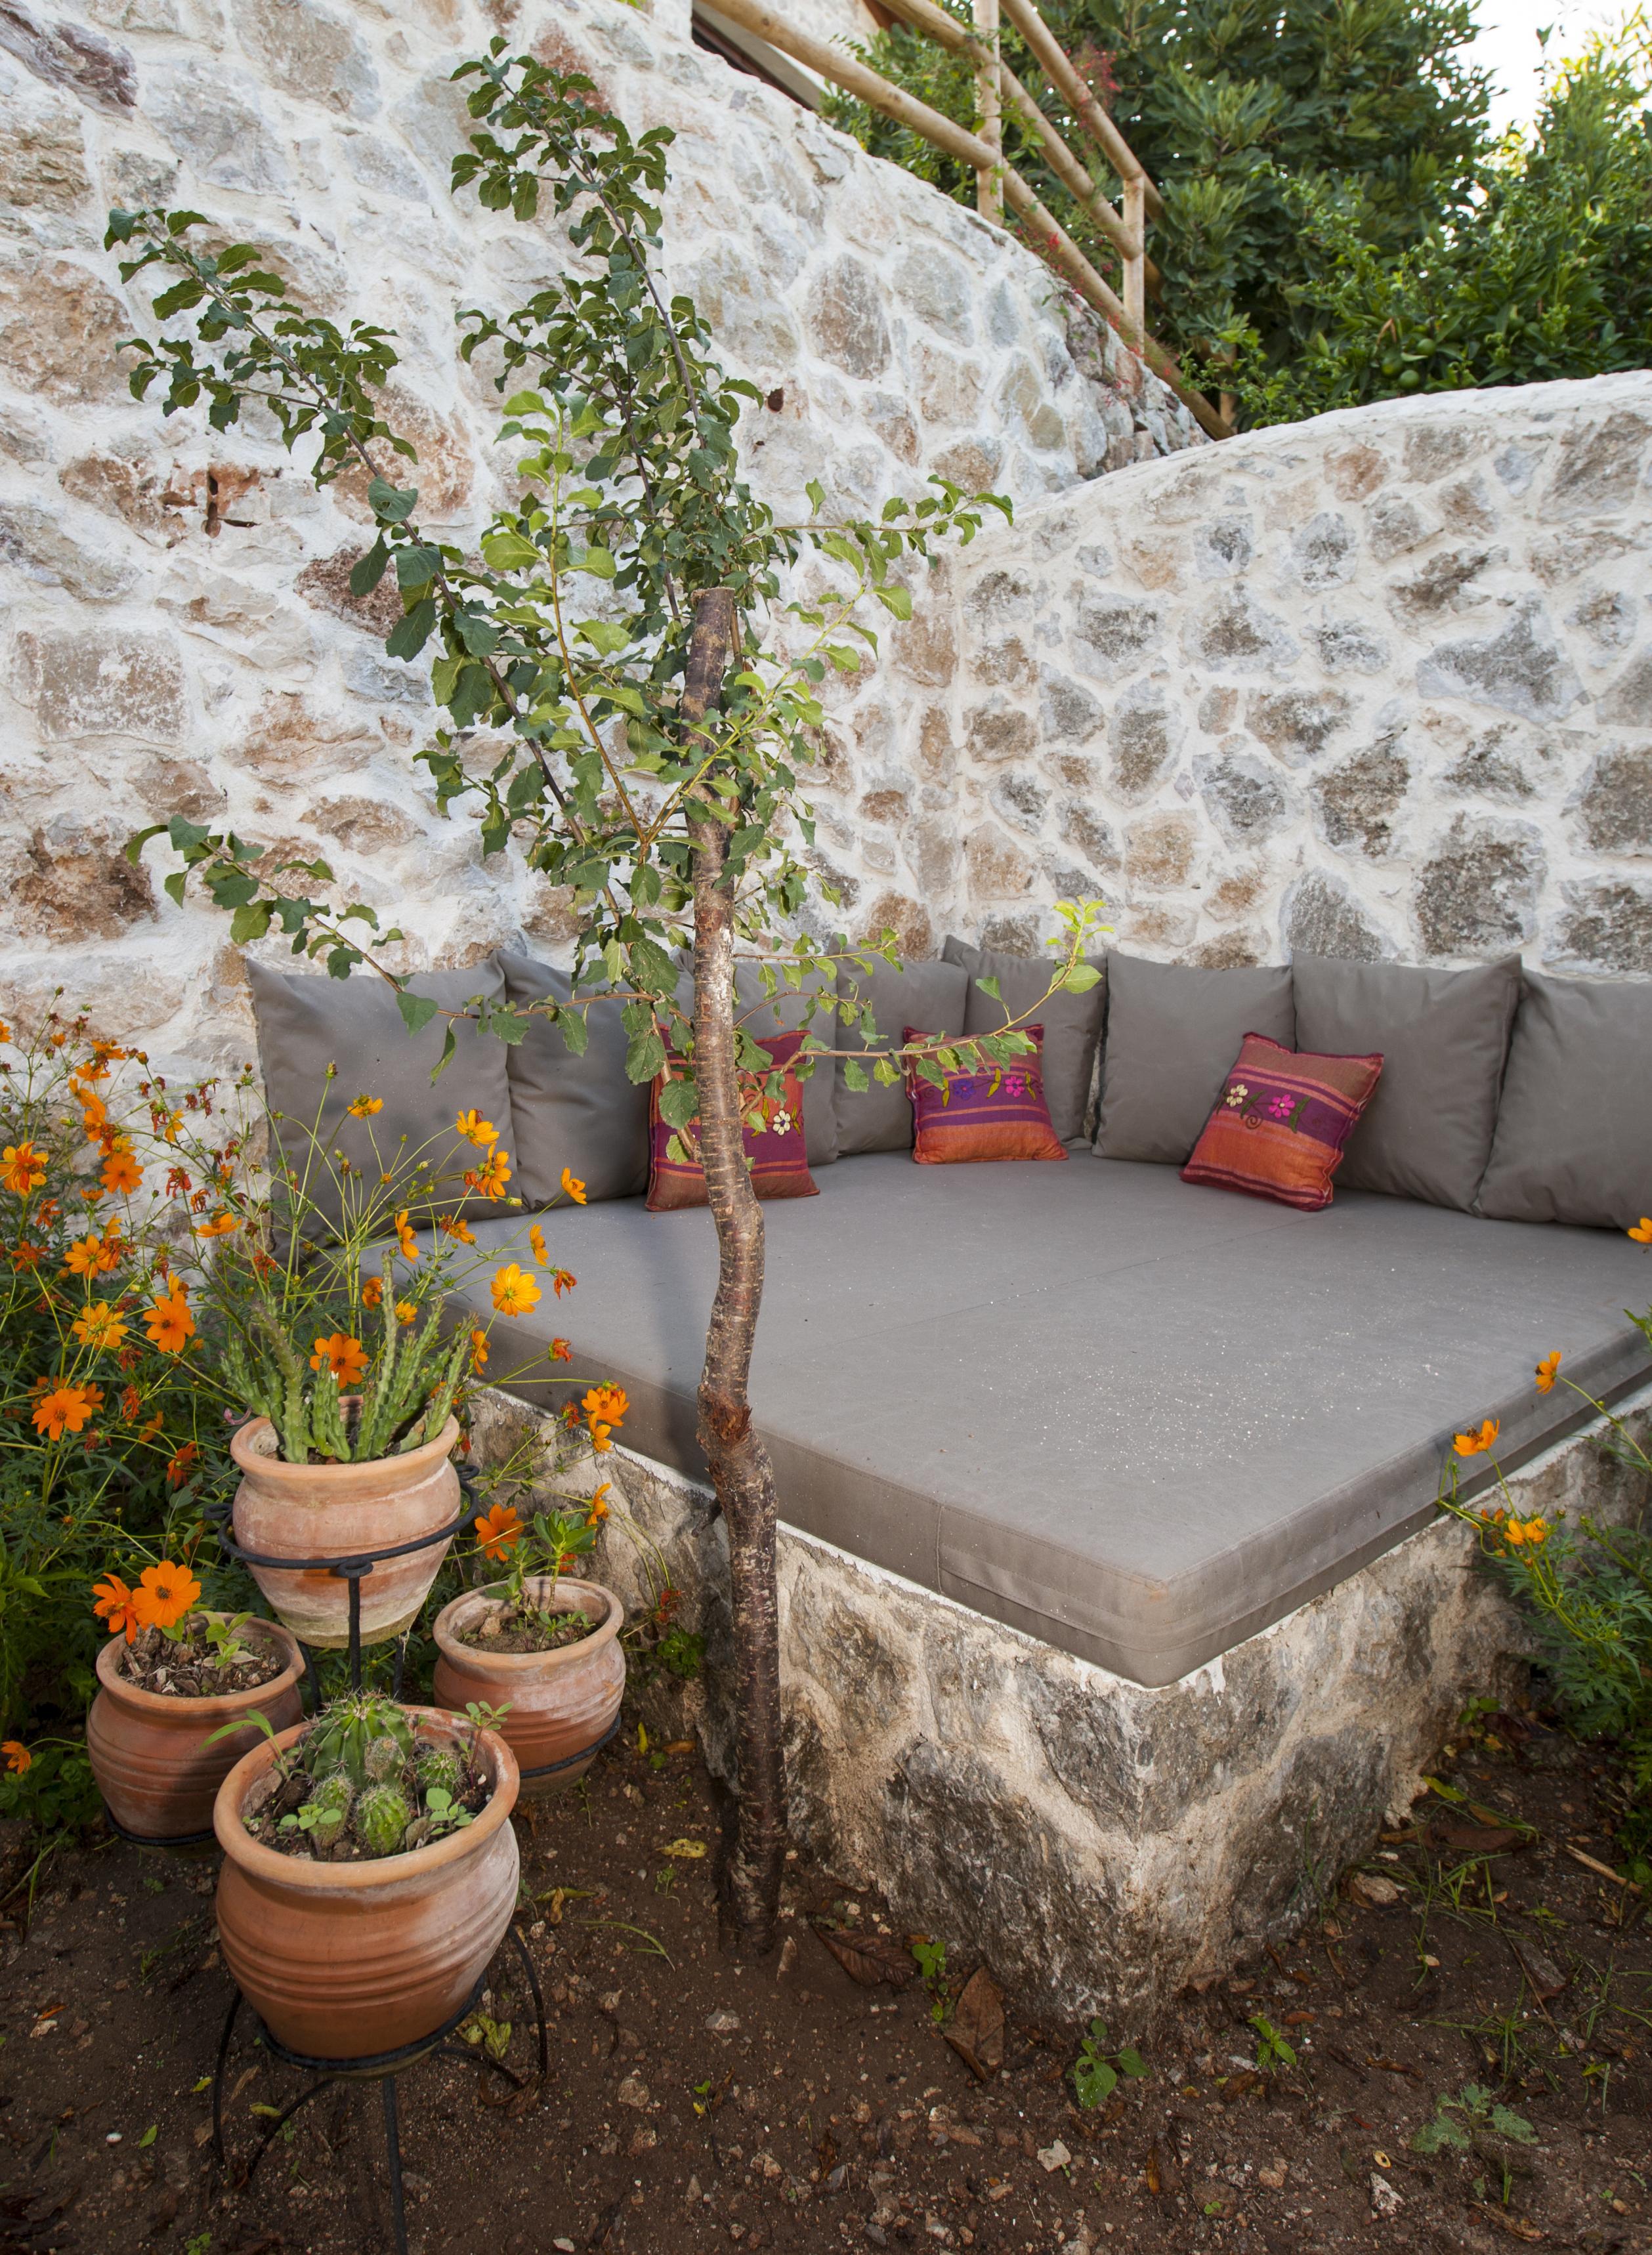 Ferienwohnung Luxurise Unterkunft und persnliches Ambiente in unzerstrter Natur (2742320), Fethiye, , Ägäisregion, Türkei, Bild 3